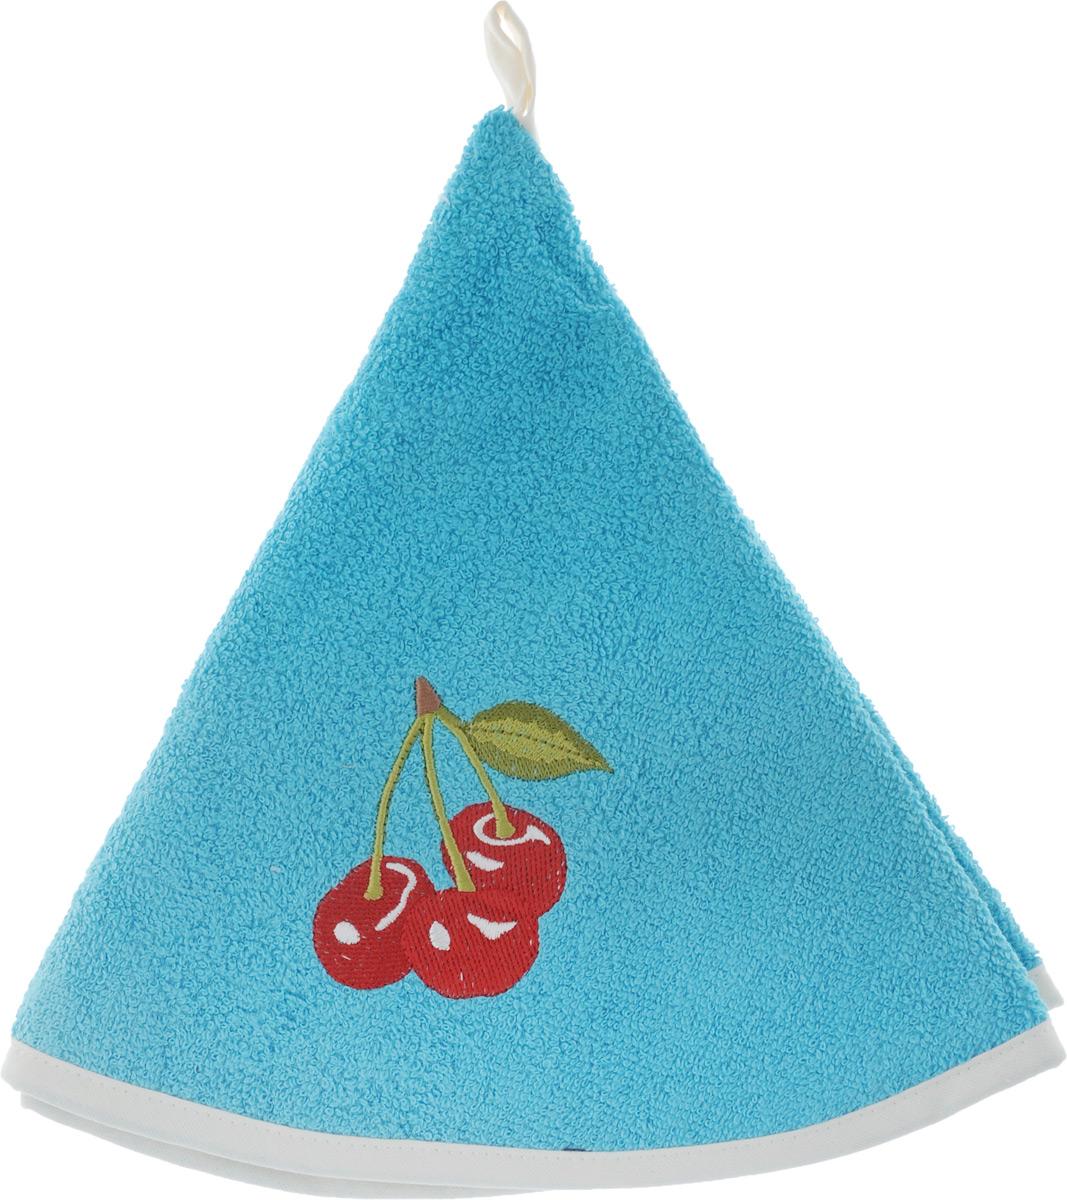 Полотенце кухонное Karna Zelina, цвет: голубой, диаметр 50 см504/CHAR004_голубой, вишняКруглое кухонное полотенце Karna Zelina изготовлено из махровой ткани (100% хлопок), поэтому является экологически чистым. Качество материала гарантирует безопасность не только взрослым, но и самым маленьким членам семьи. Изделие мягкое и приятное на ощупь, оснащено удобной петелькой и украшено оригинальной вышивкой. Полотенце хорошо впитывает влагу, легко стирается в стиральной машине и обладает высокой износоустойчивостью. Кухонное полотенце Karna Zelina сделает интерьер вашей кухни стильным и гармоничным. Диаметр полотенца: 50 см.